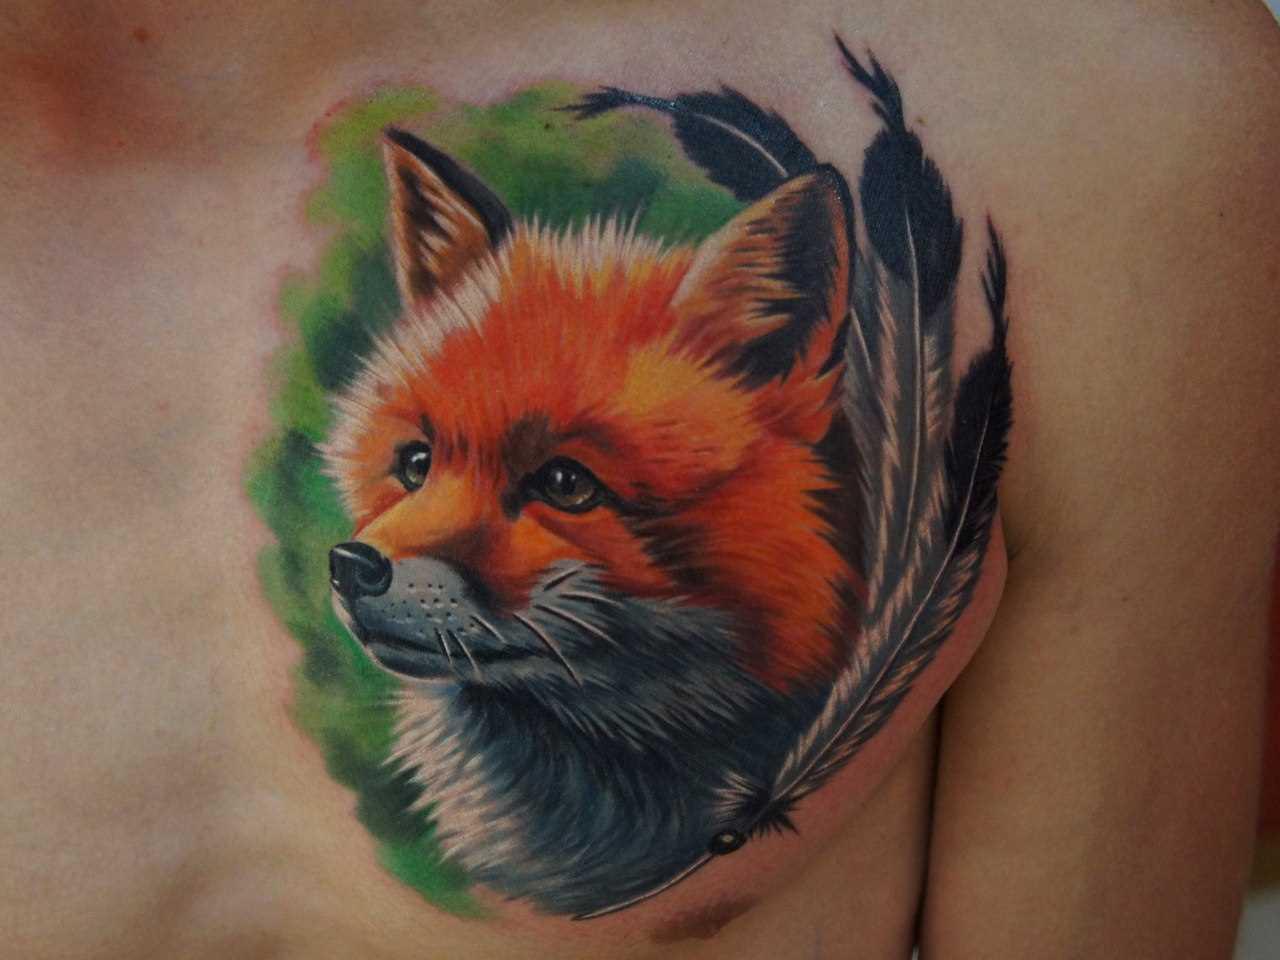 A tatuagem no peito do cara - de- raposa